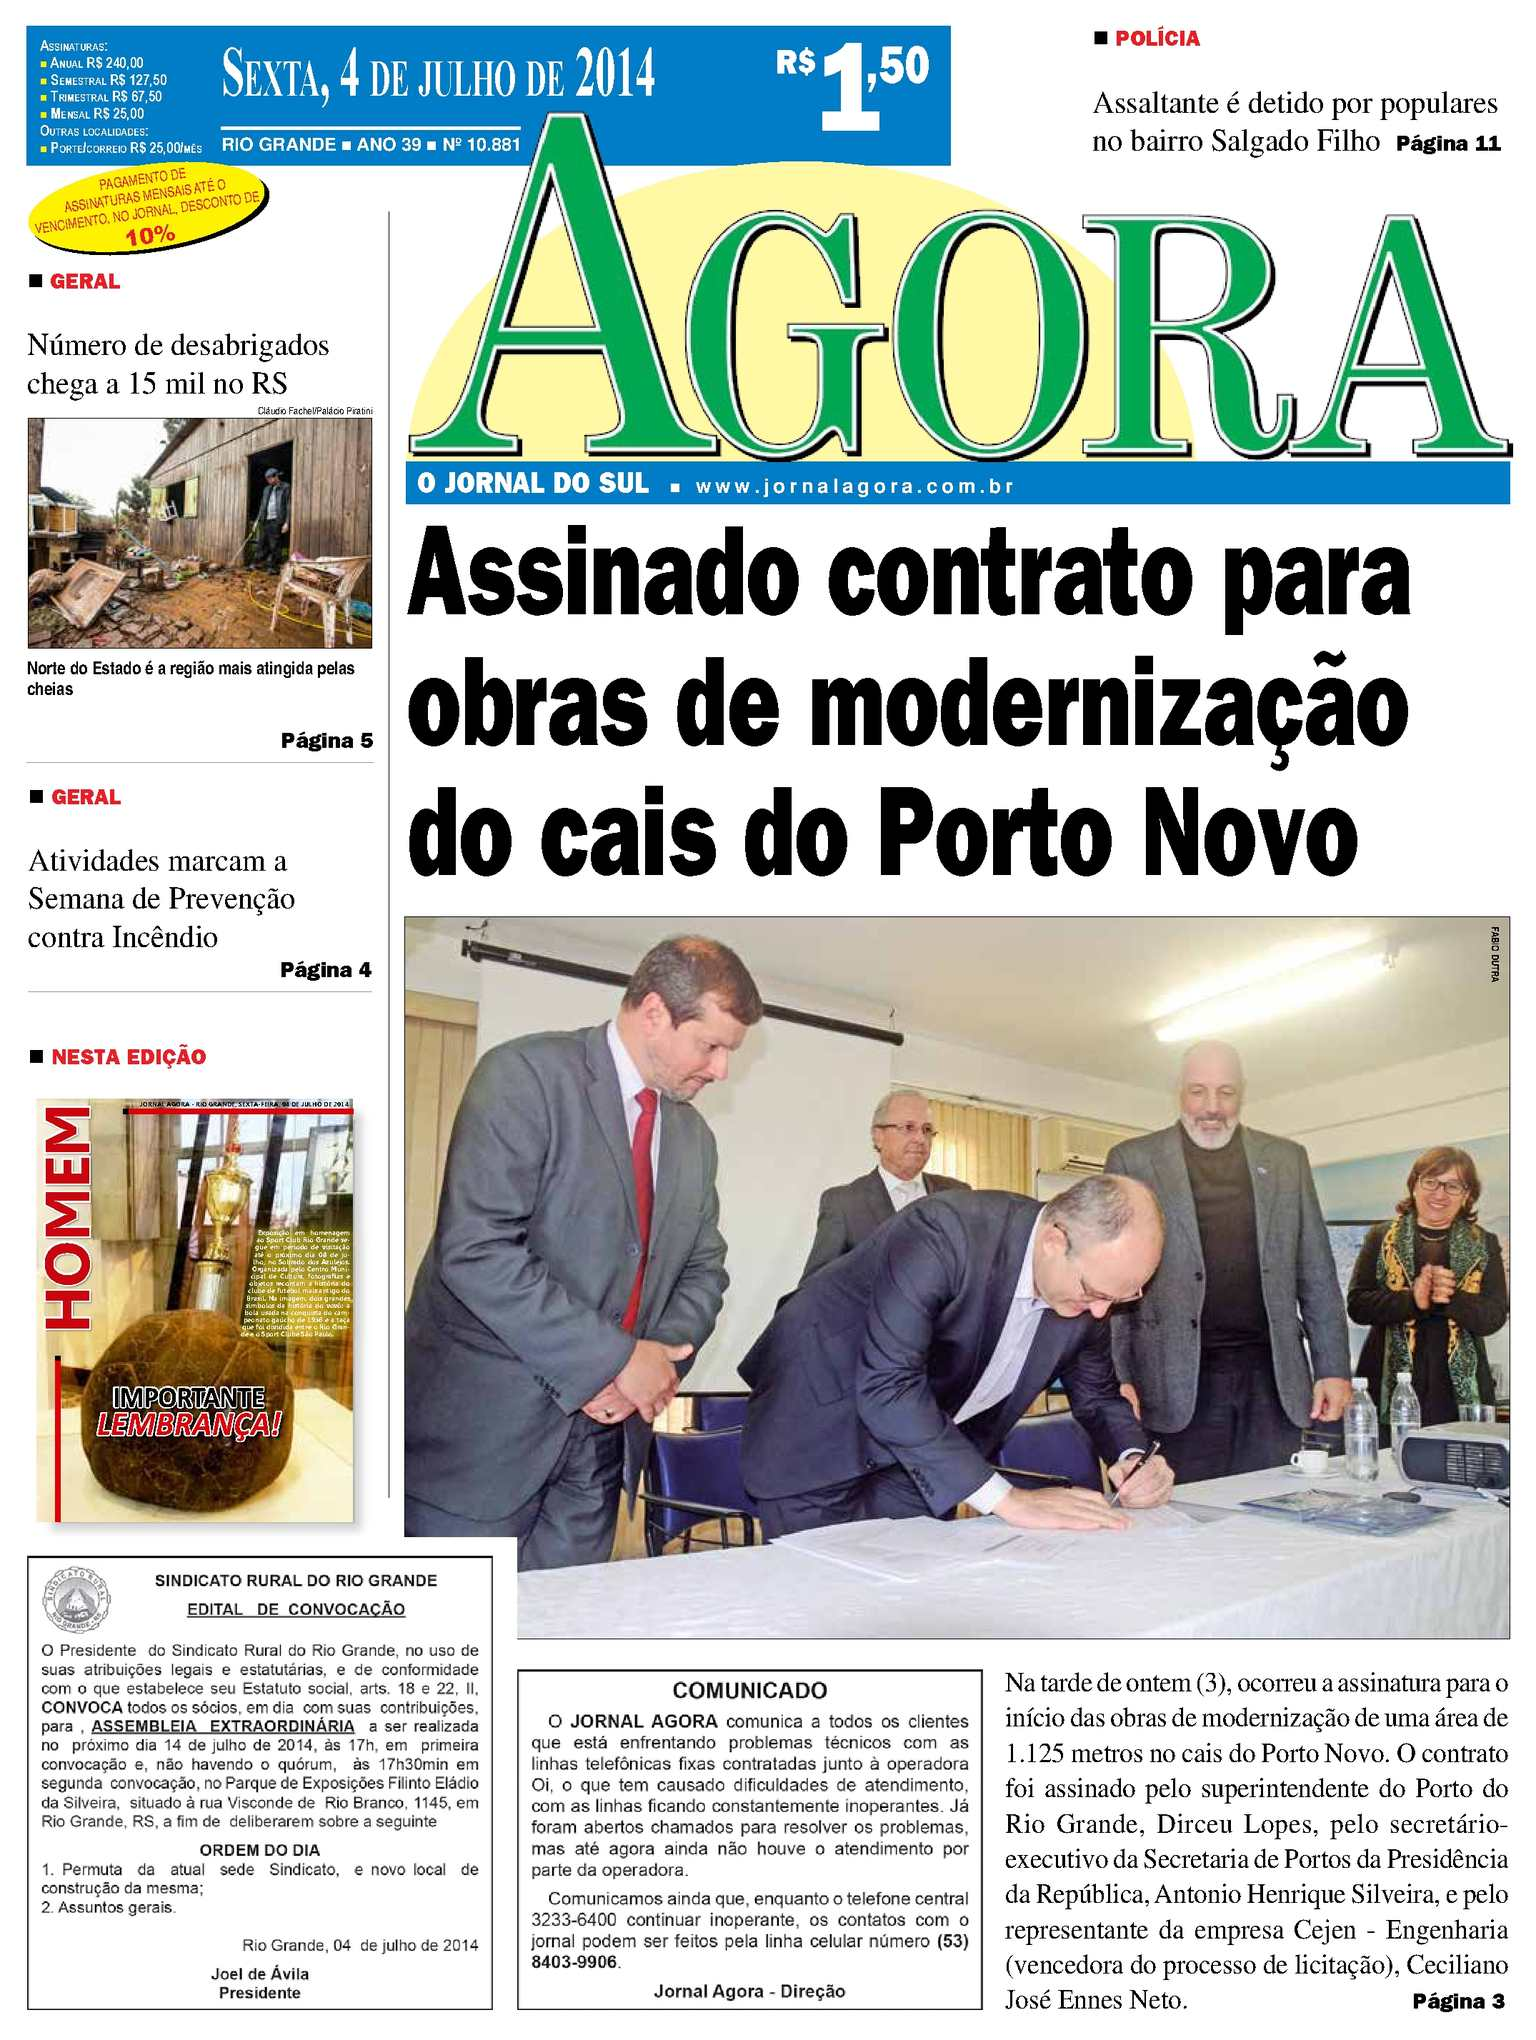 Calaméo - Jornal Agora - Edição 10881 - 4 de julho de 2014 6380360765607